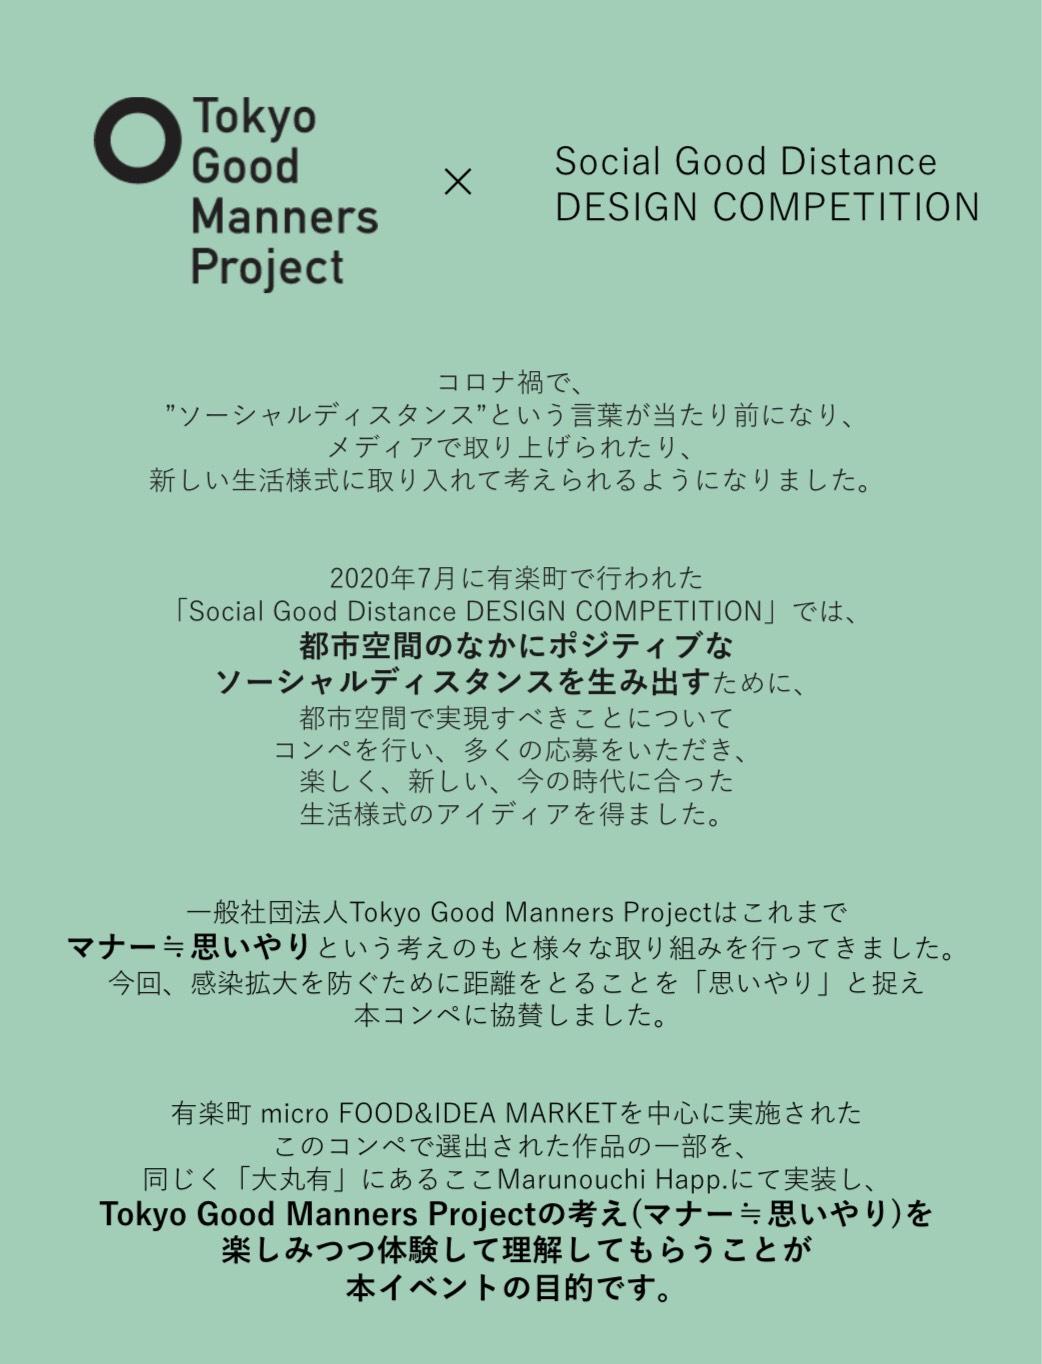 9月11日(金)〜9月15日(火) ソーシャルグッドディスタンス展開催!